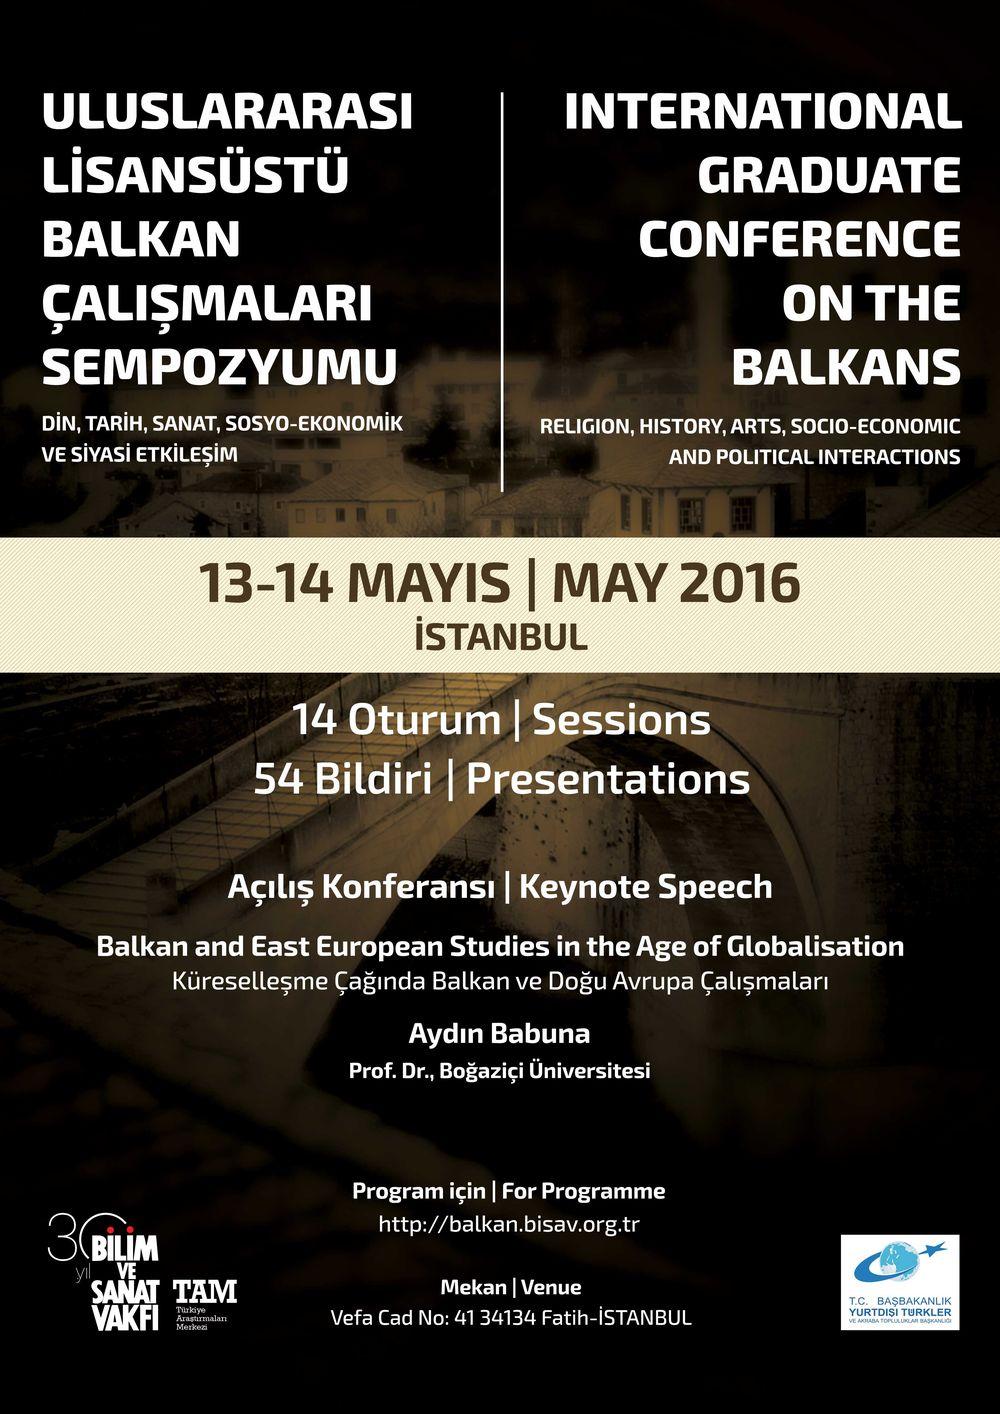 Uluslararası Lisansüstü Balkan Çalışmaları Sempozyumu